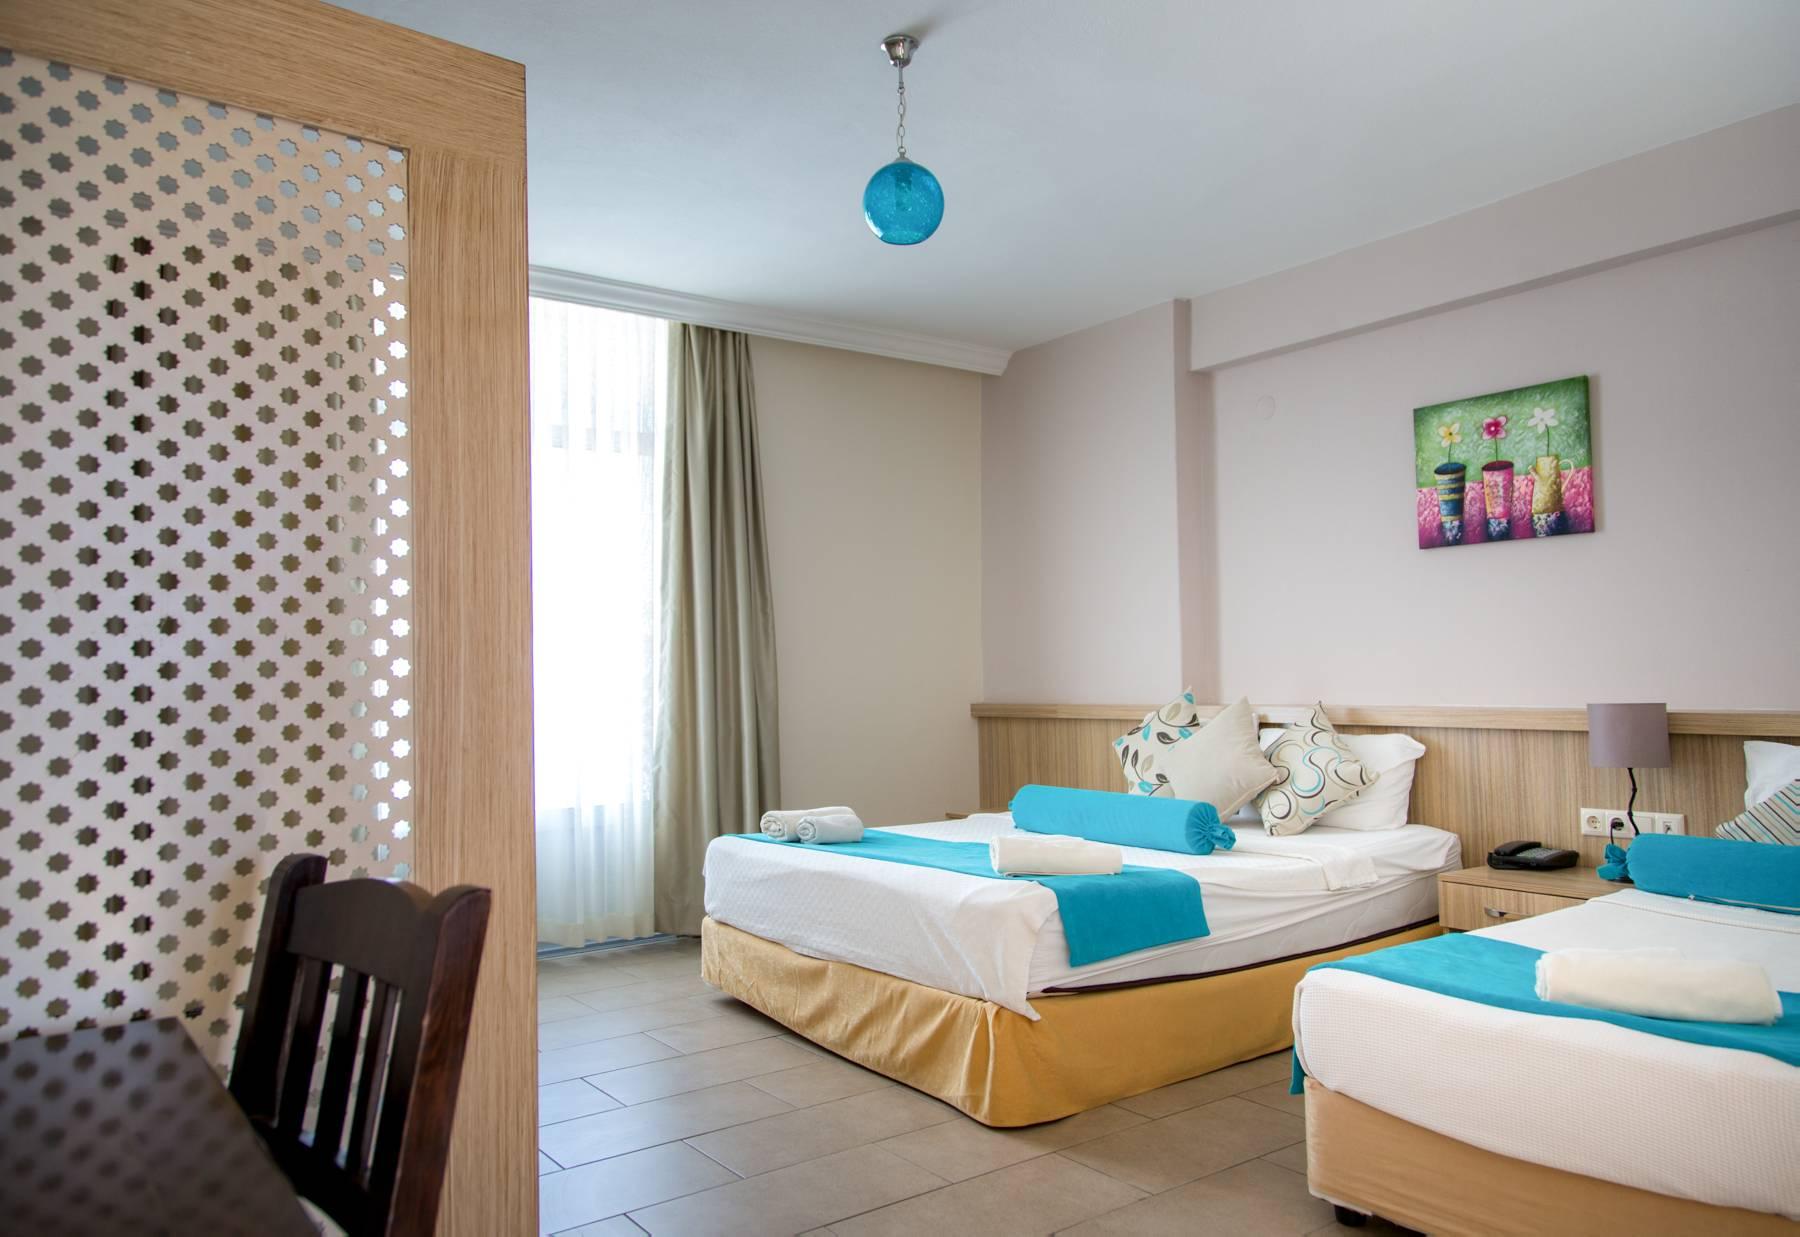 Letovanje Turska autobusom, Kusadasi, Hotel Ponz,izgled sobe